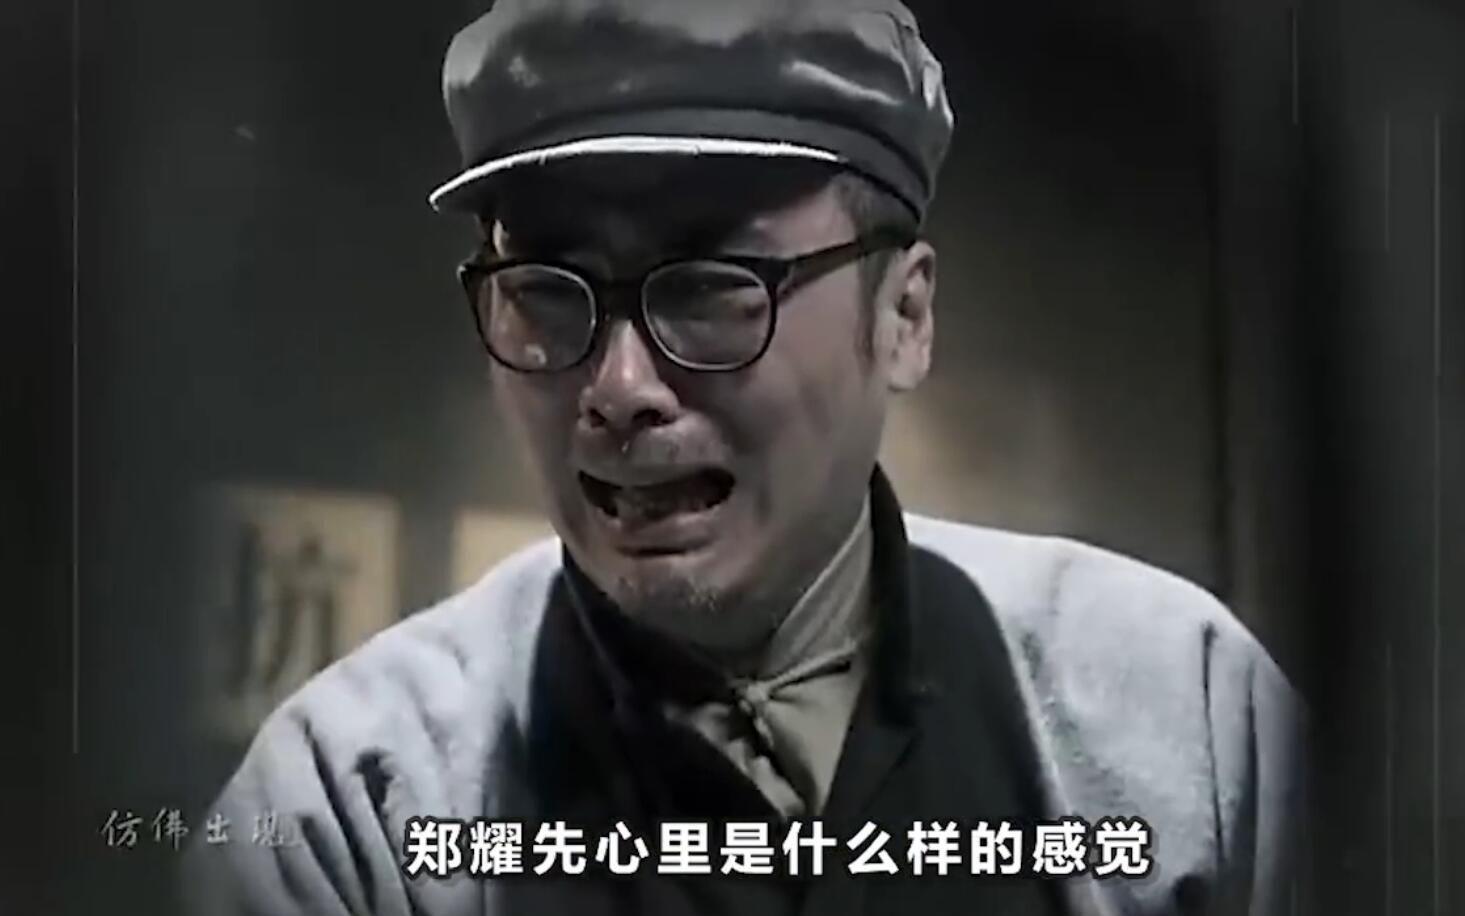 《风筝》枪杀了宫庶后,郑耀先跪在宫庶坟前,他没有后悔只有痛哭